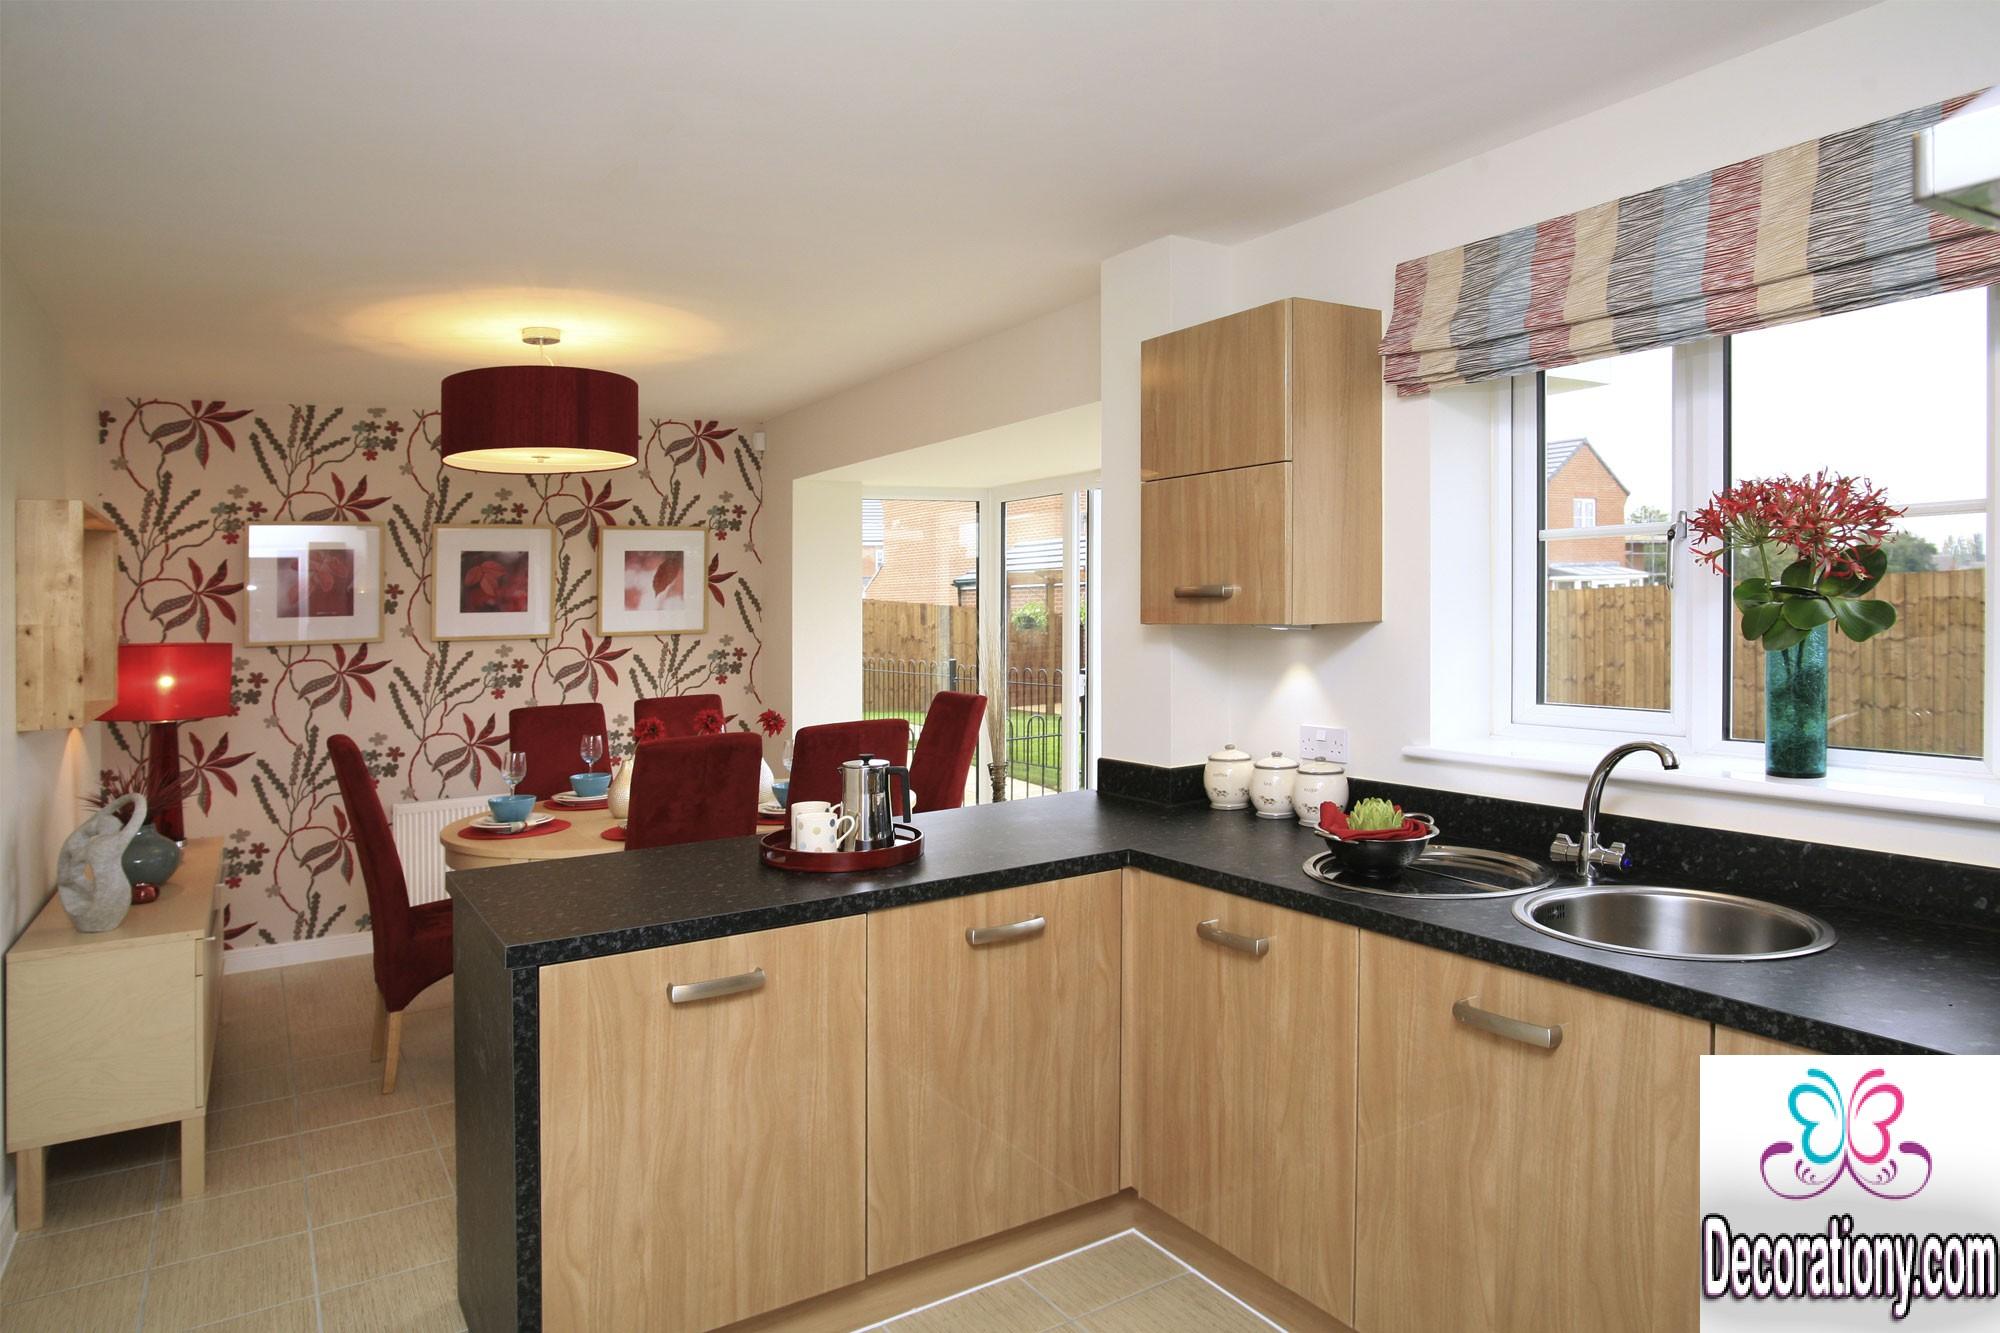 Opden kitchen design